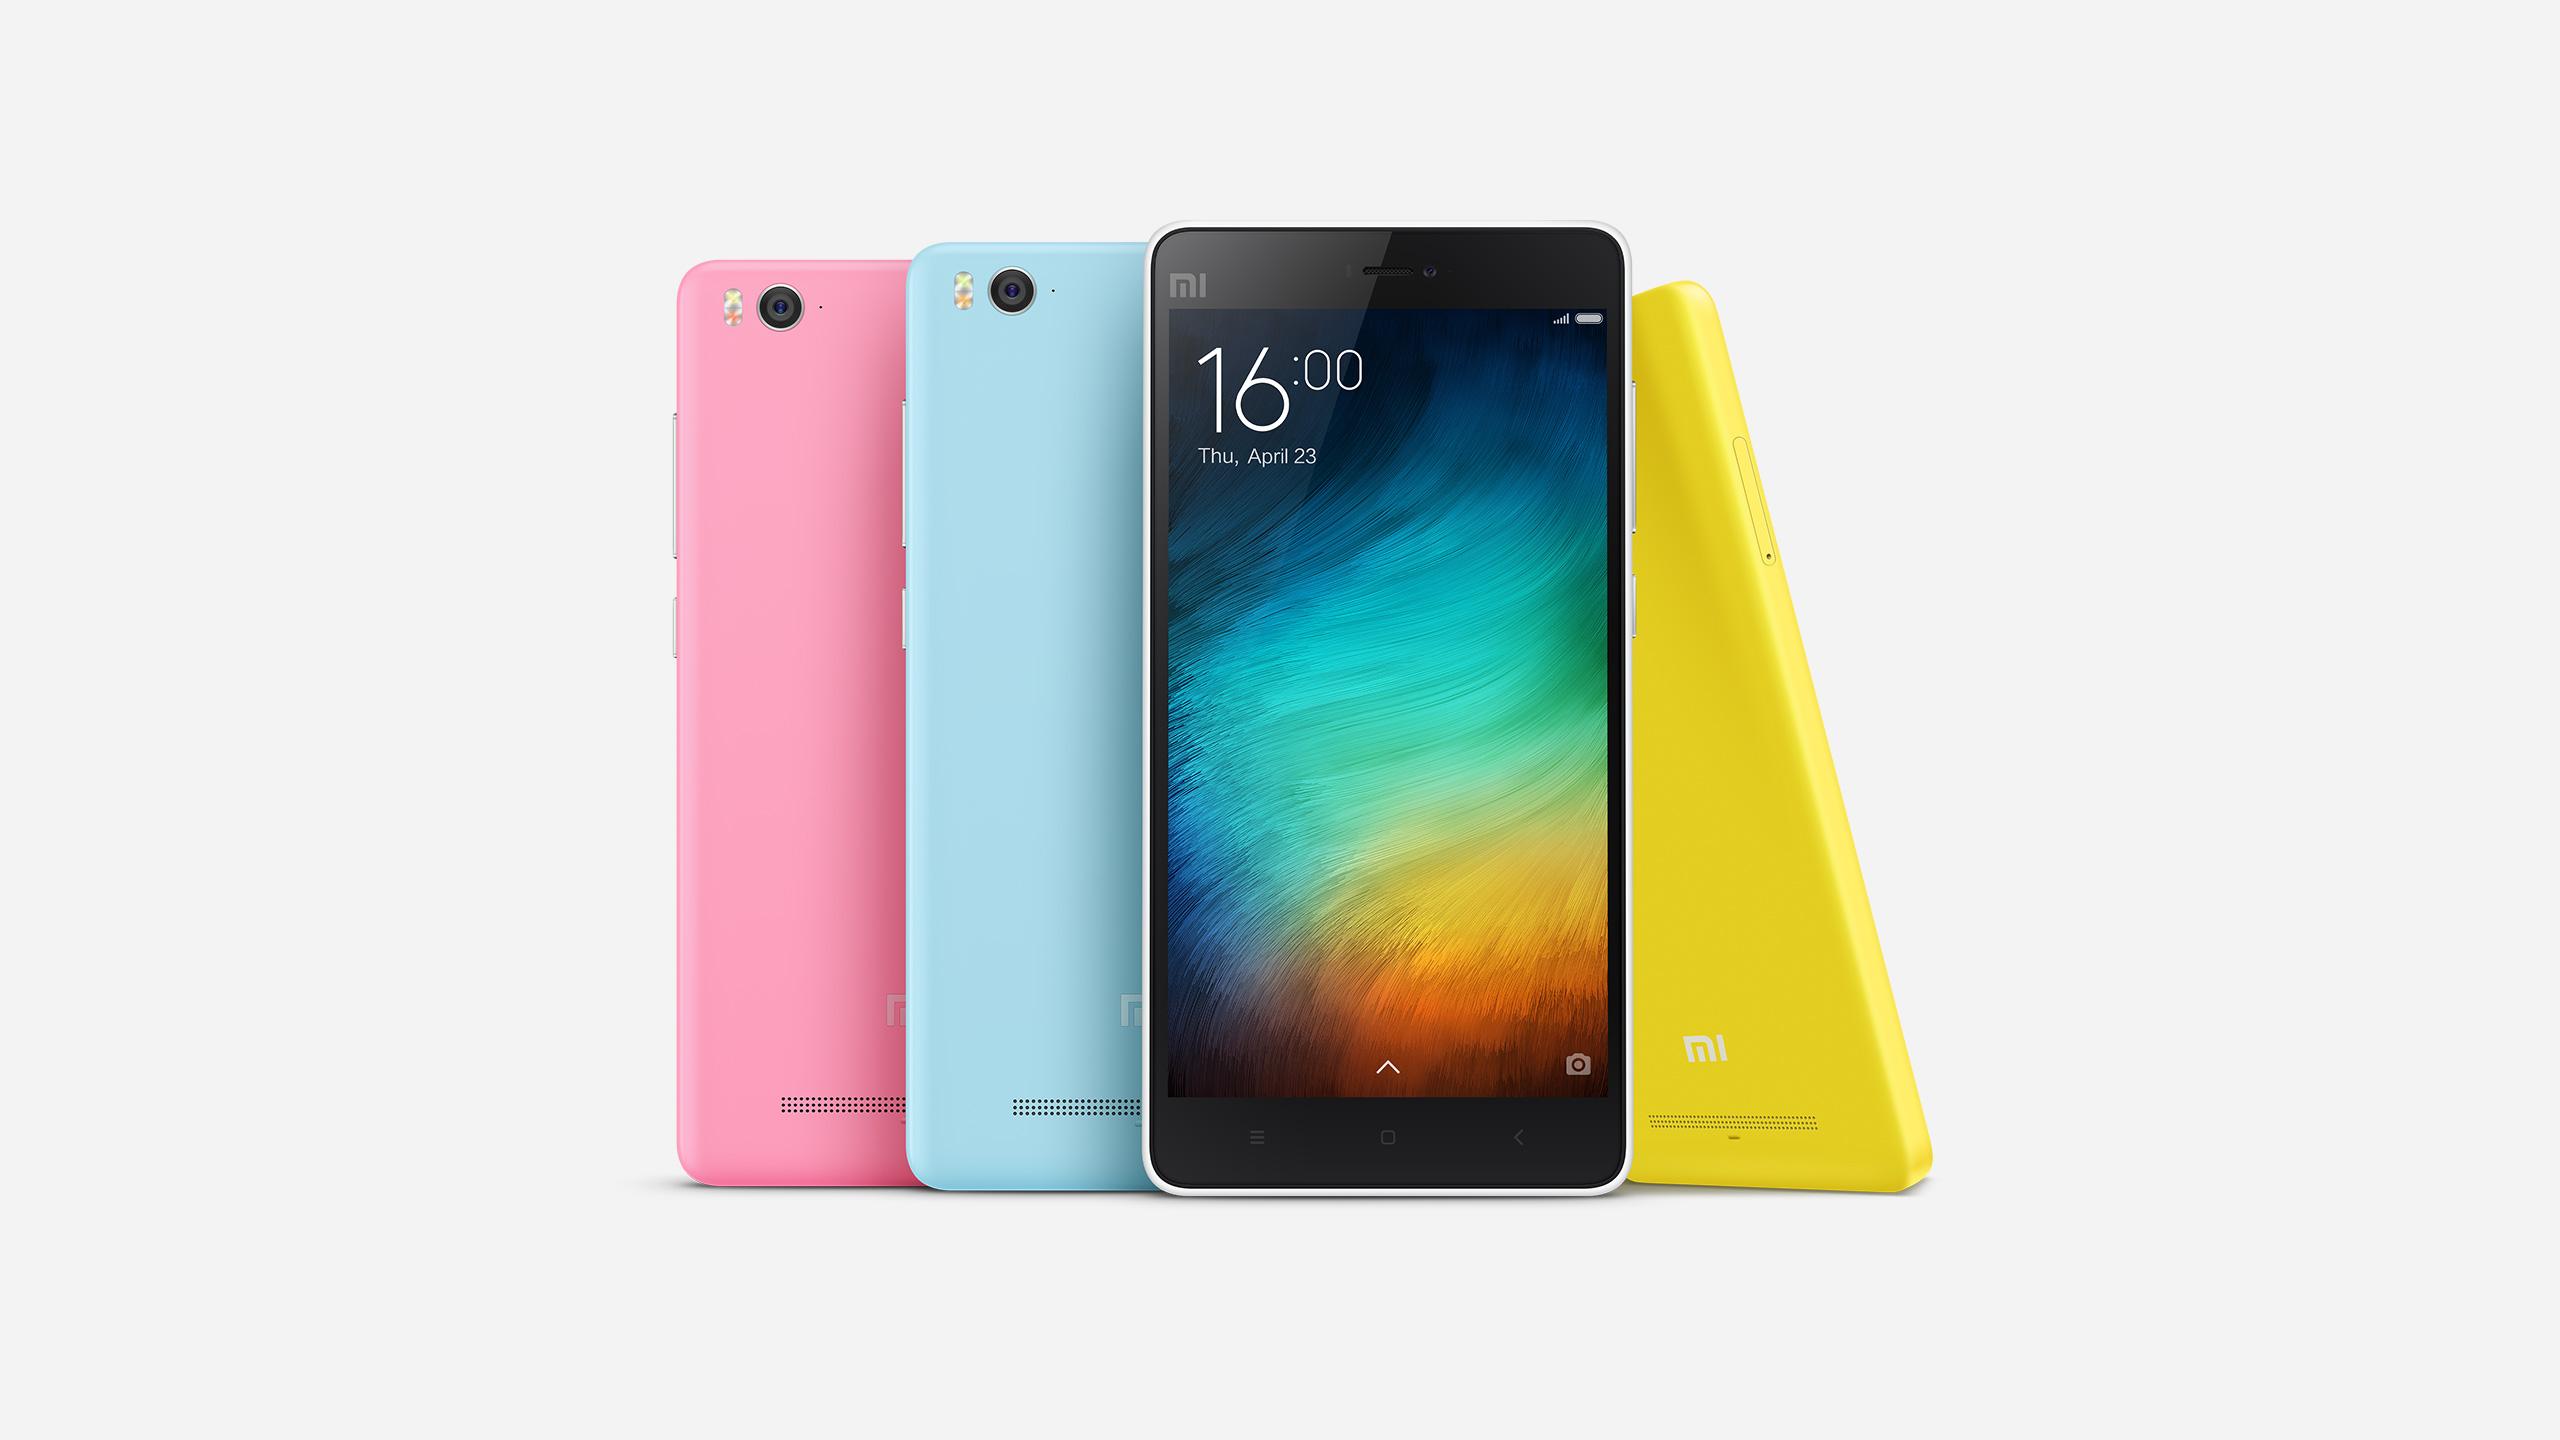 xiaomi Mi best smartphones under 15k